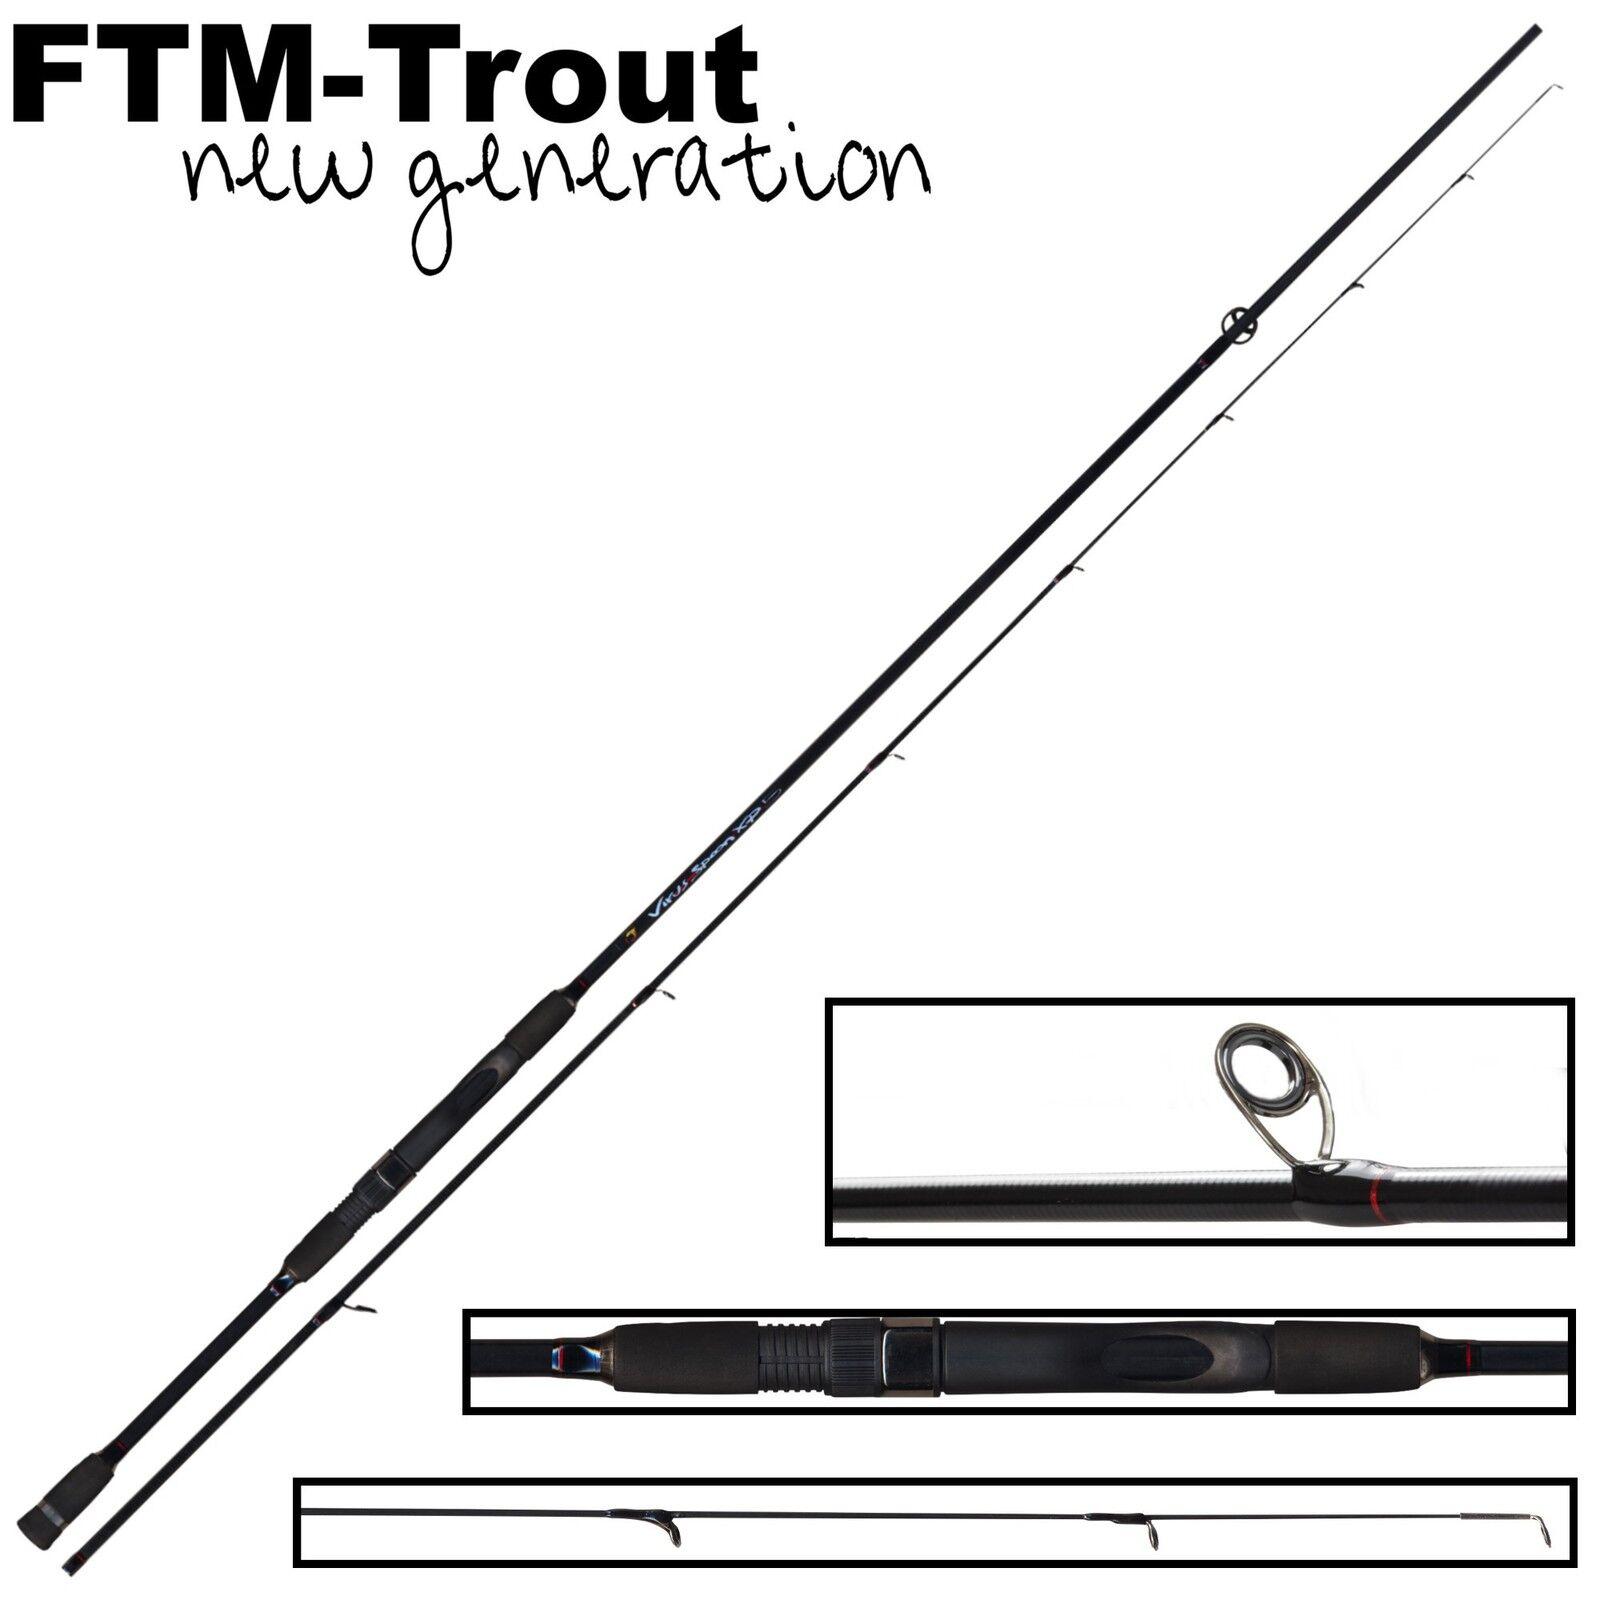 FTM Virus Spoon XP 5 2,20m 1-6g - Spinnrute, Spinnrute, Spinnrute, Ultra Light Rute, Forellenrute d15495